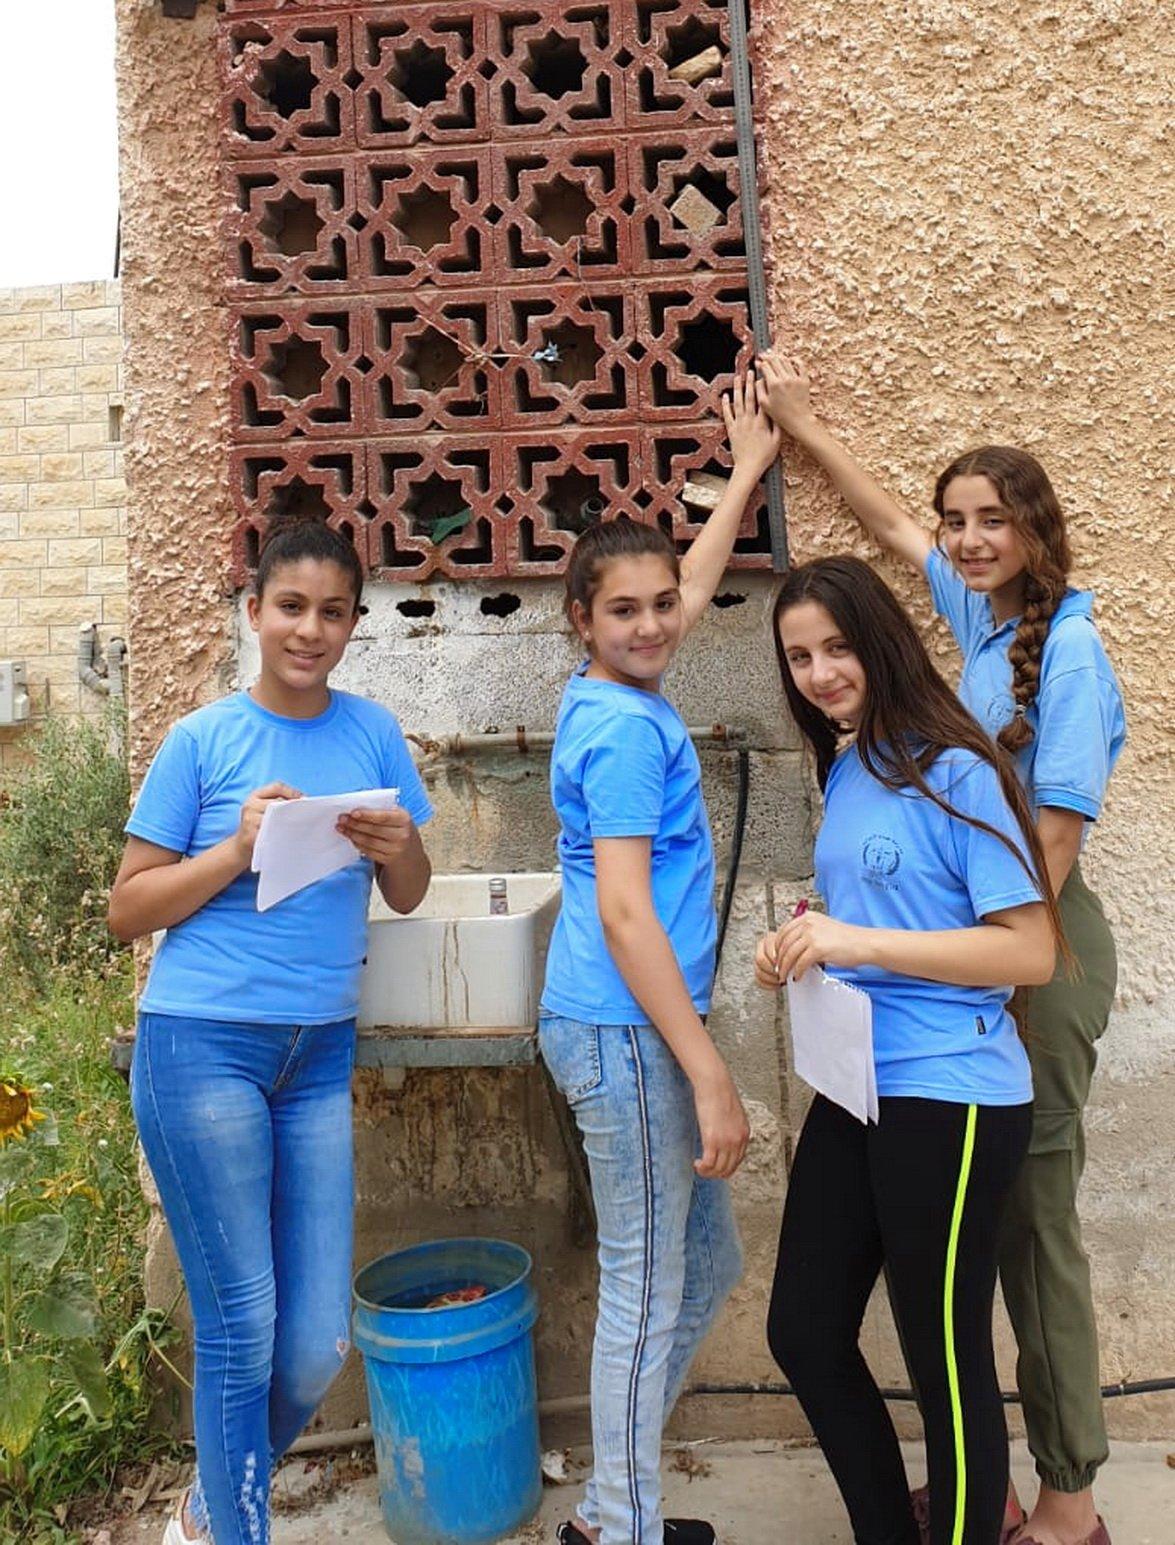 بفضل الملوخية، مدرسة صندلة تحصل على جائزة هامة ومكافئة بقيمة 150 ألف شيكل